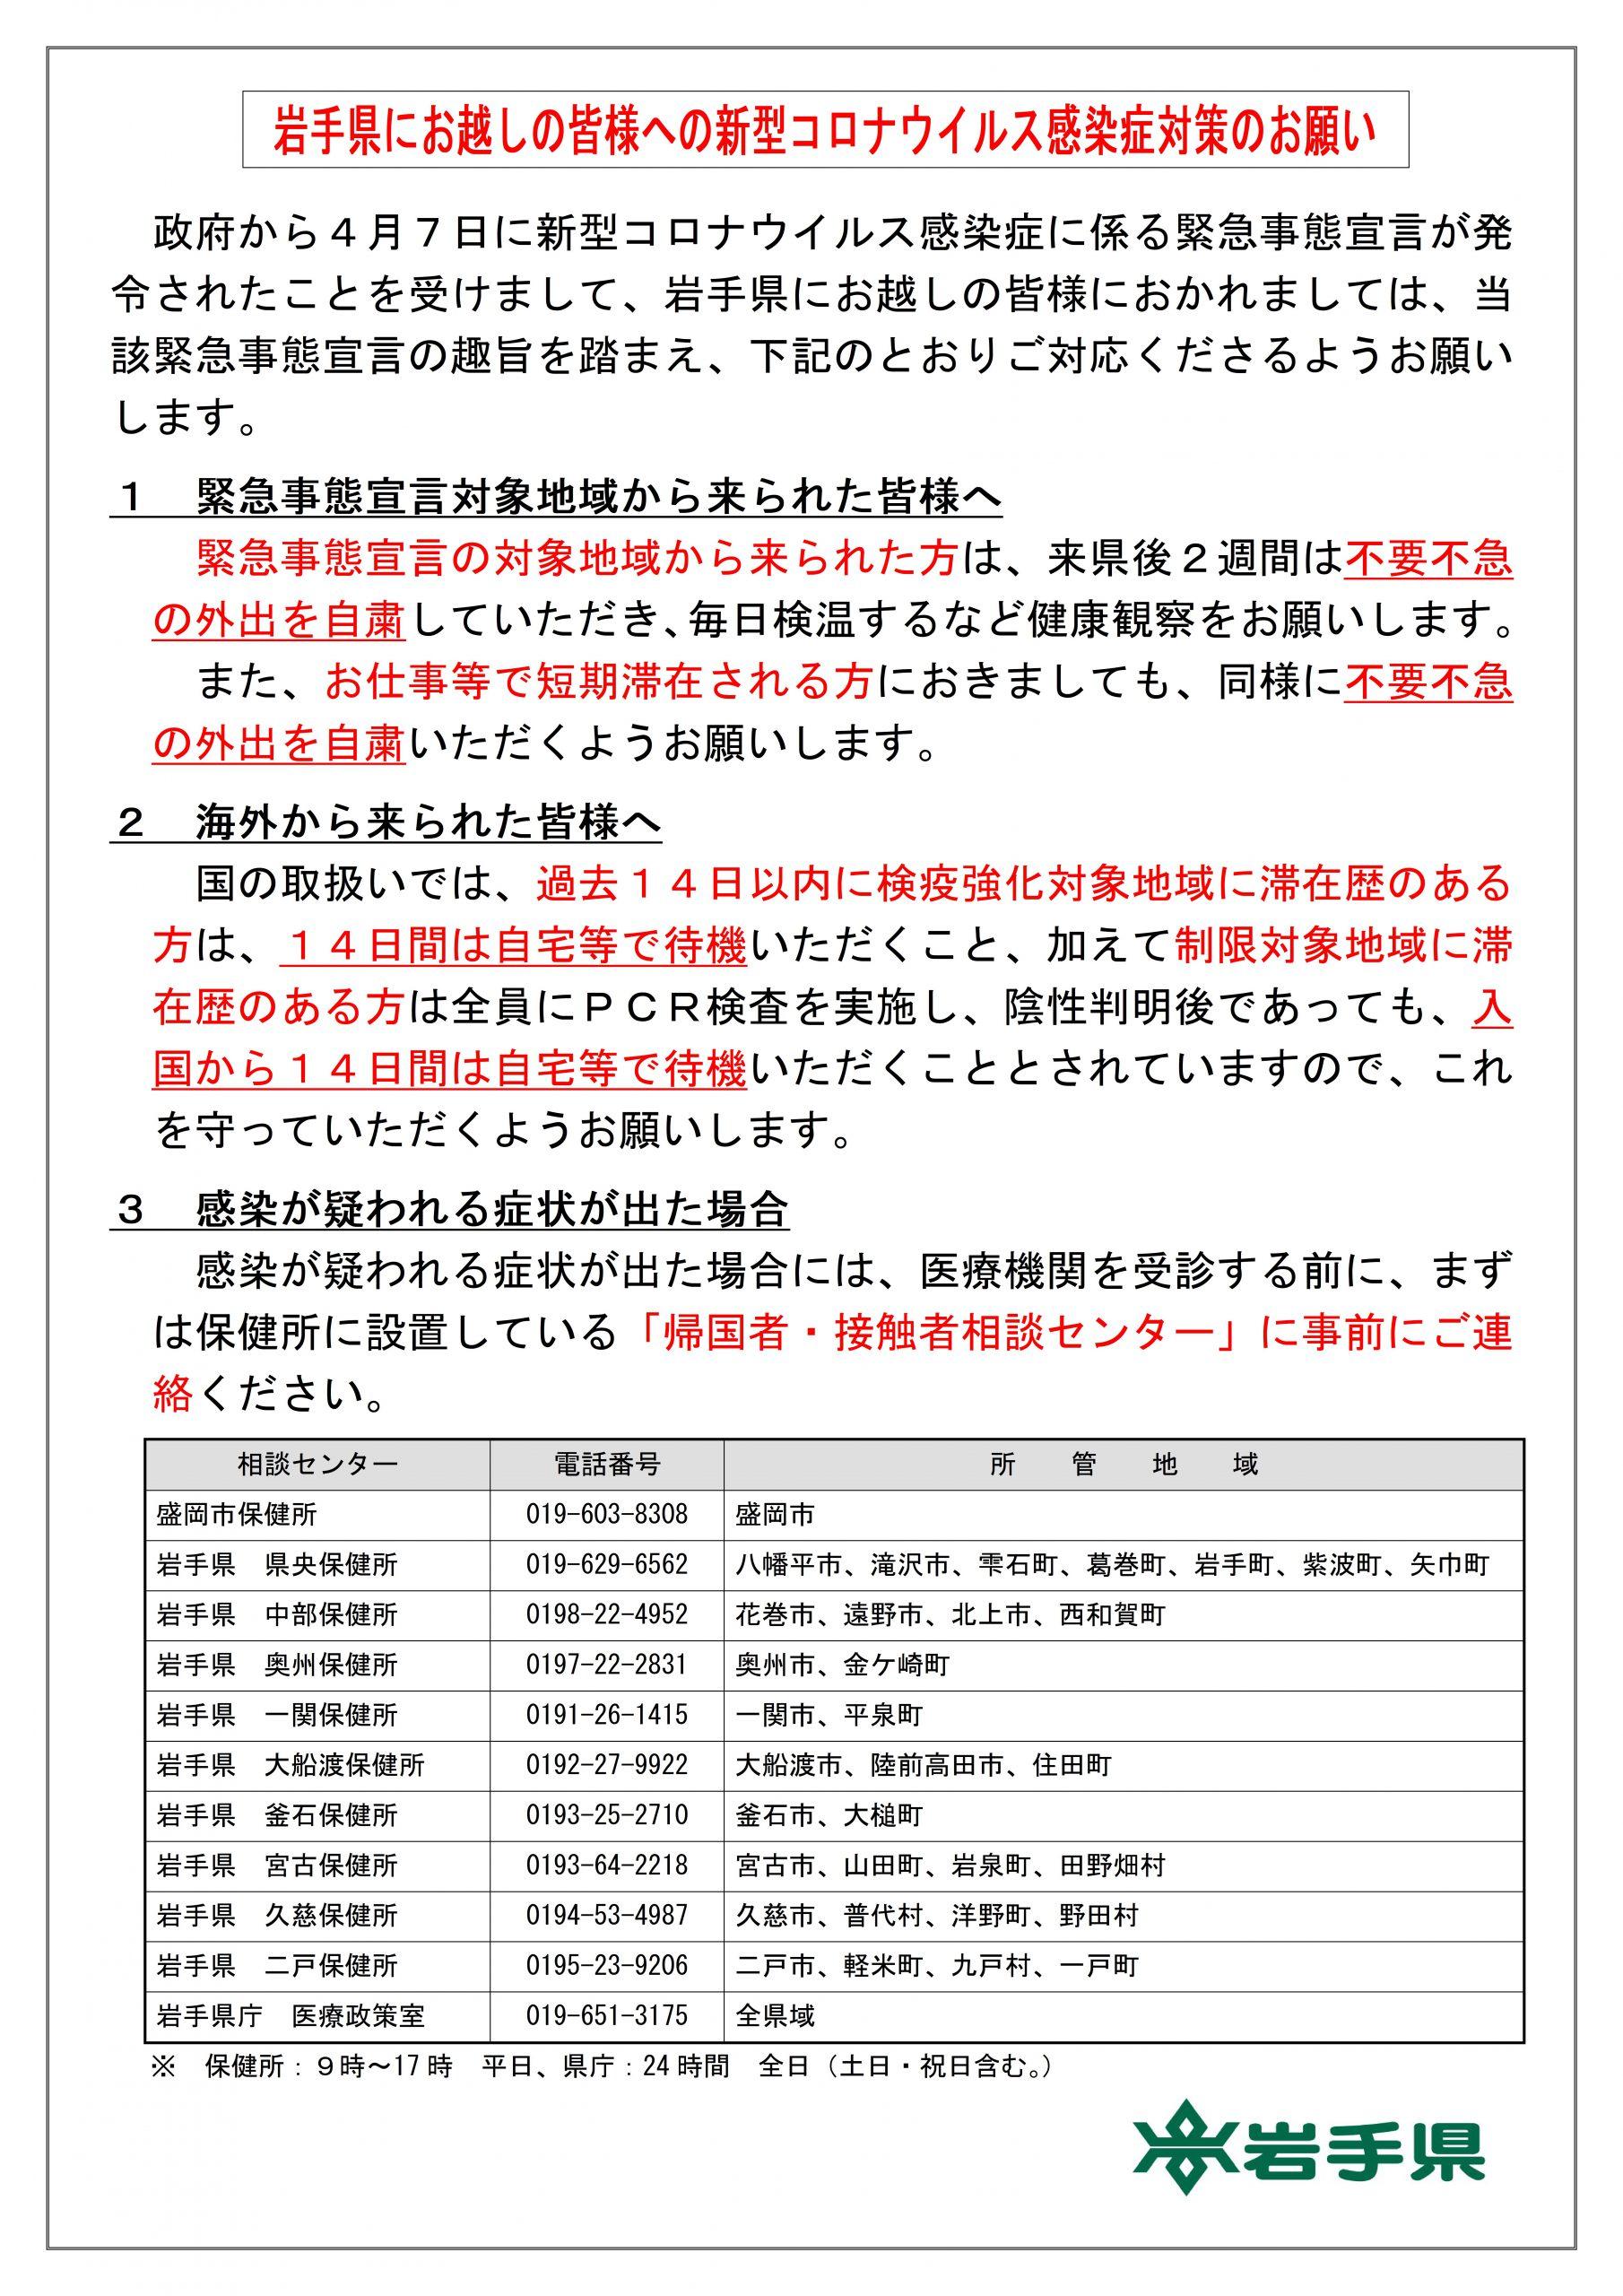 コロナ 最新 県 岩手 岩手新型コロナ・感染症掲示板|ローカルクチコミ爆サイ.com東北版